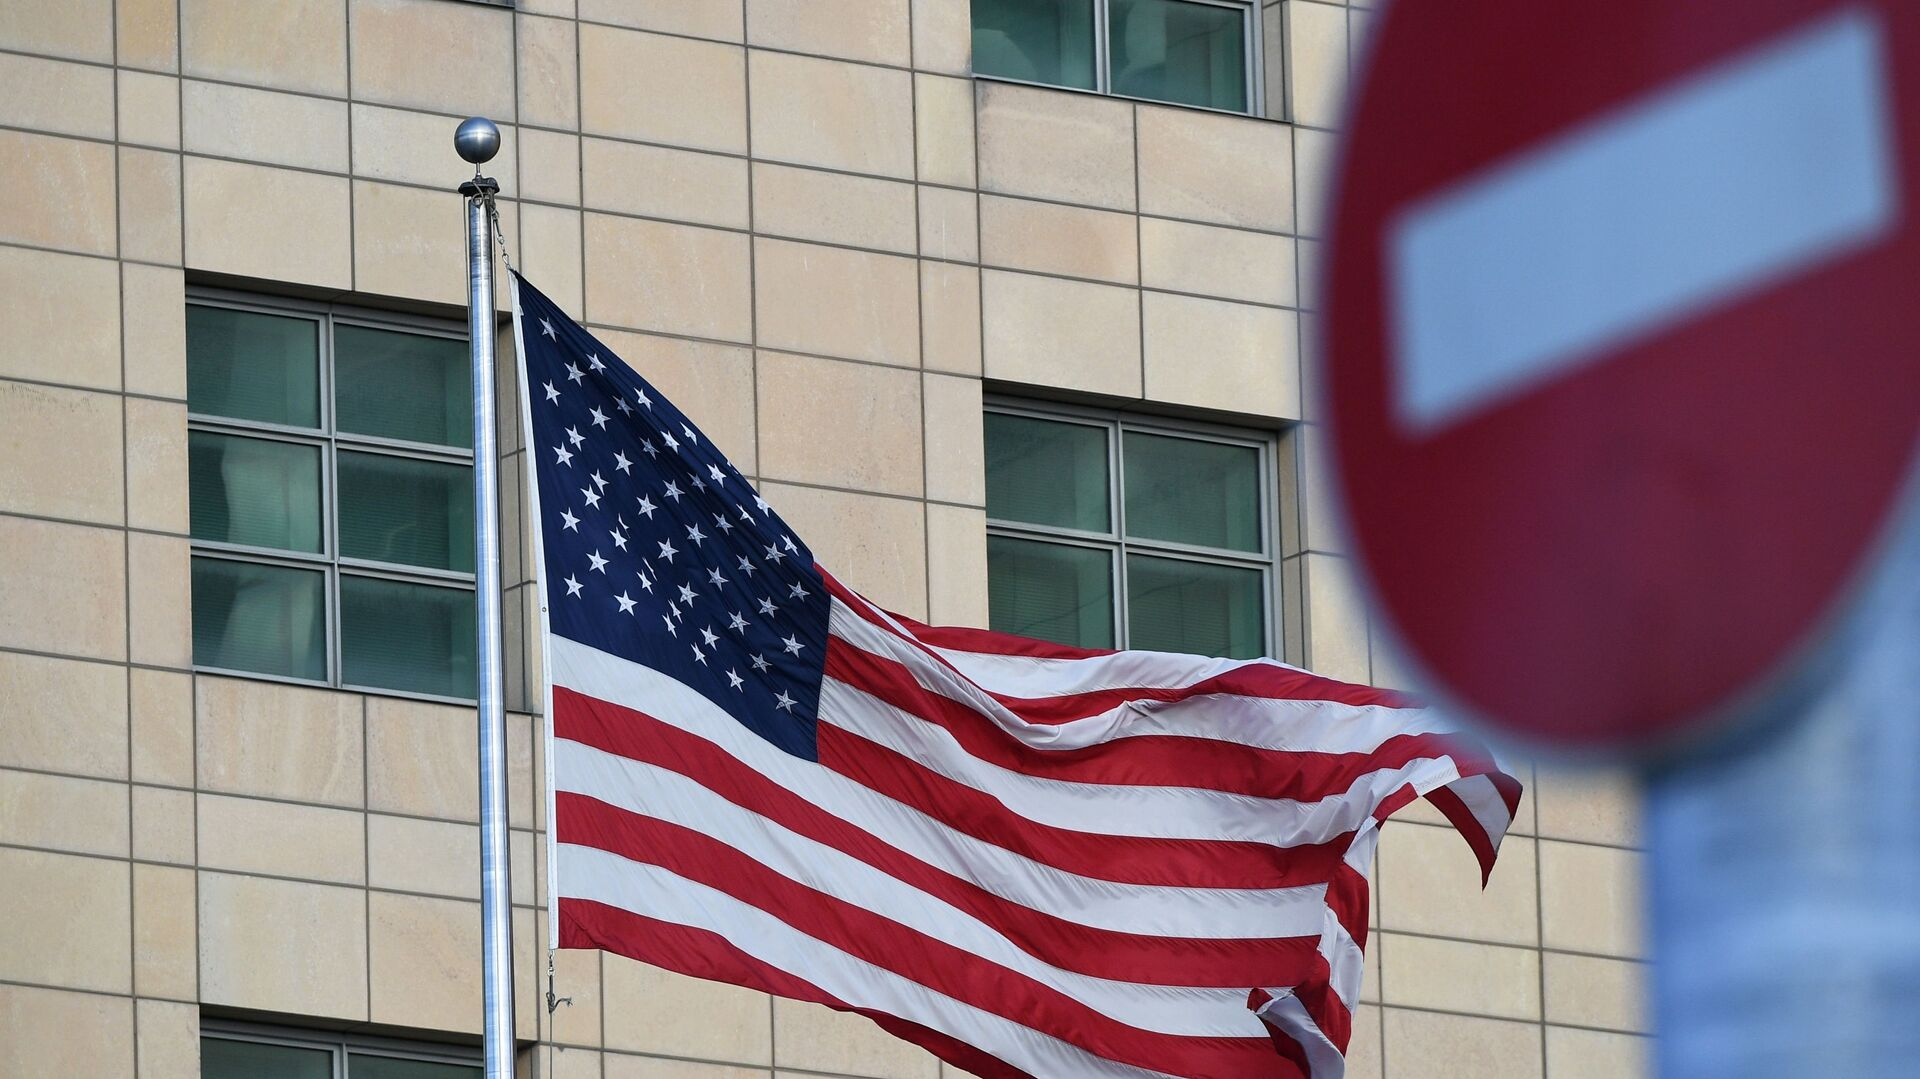 Государственный флаг США у американского посольства в Москве - Sputnik Latvija, 1920, 30.09.2021